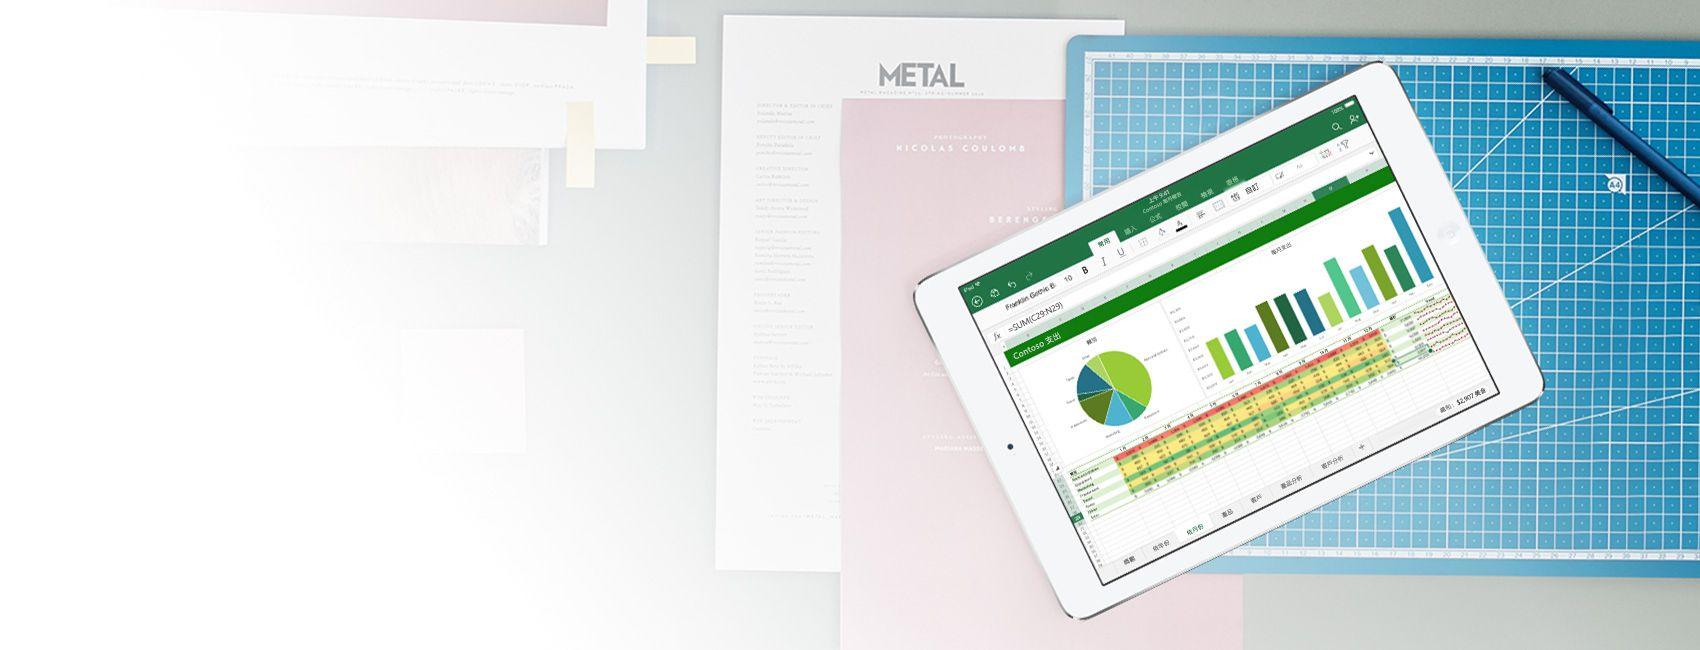 顯示已在 iOS 版 Excel App 中開啟 Excel 試算表與圖表的 iPad